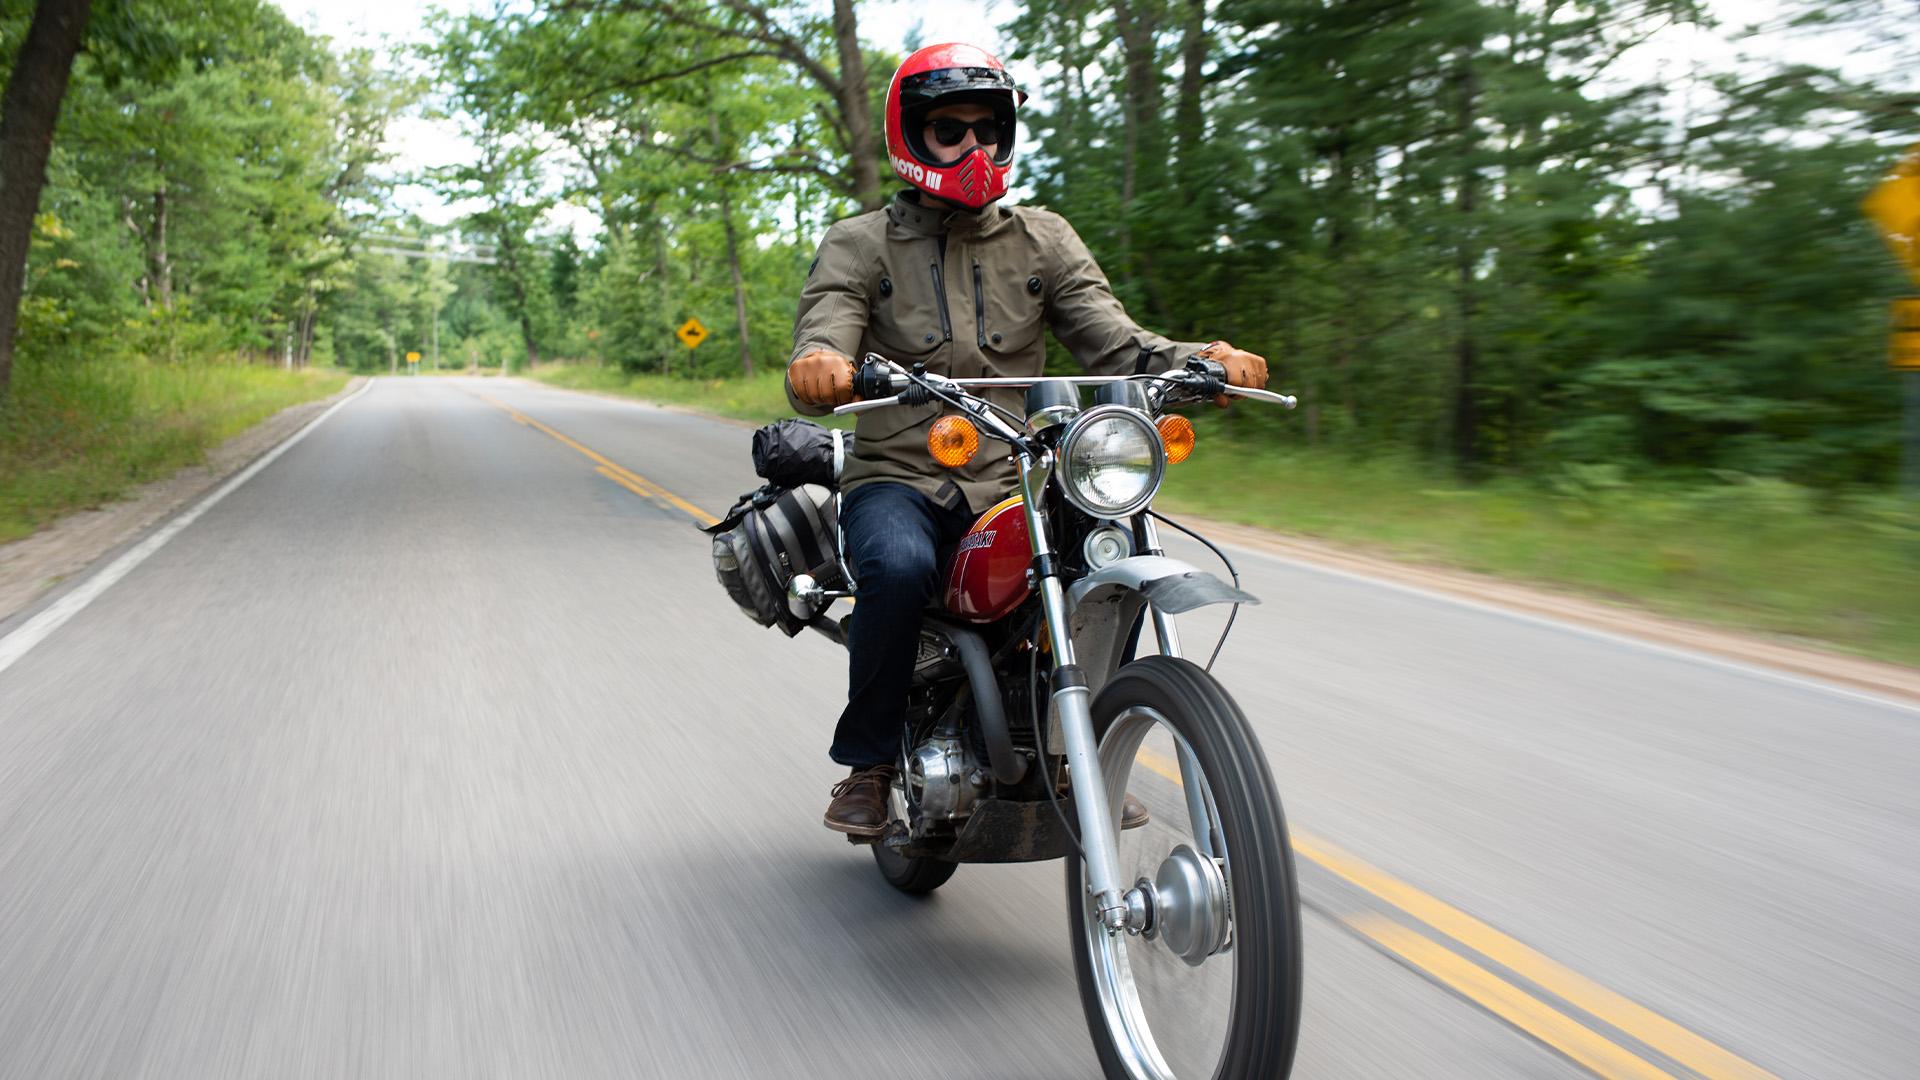 Man riding a Kawasaki Motorcycle